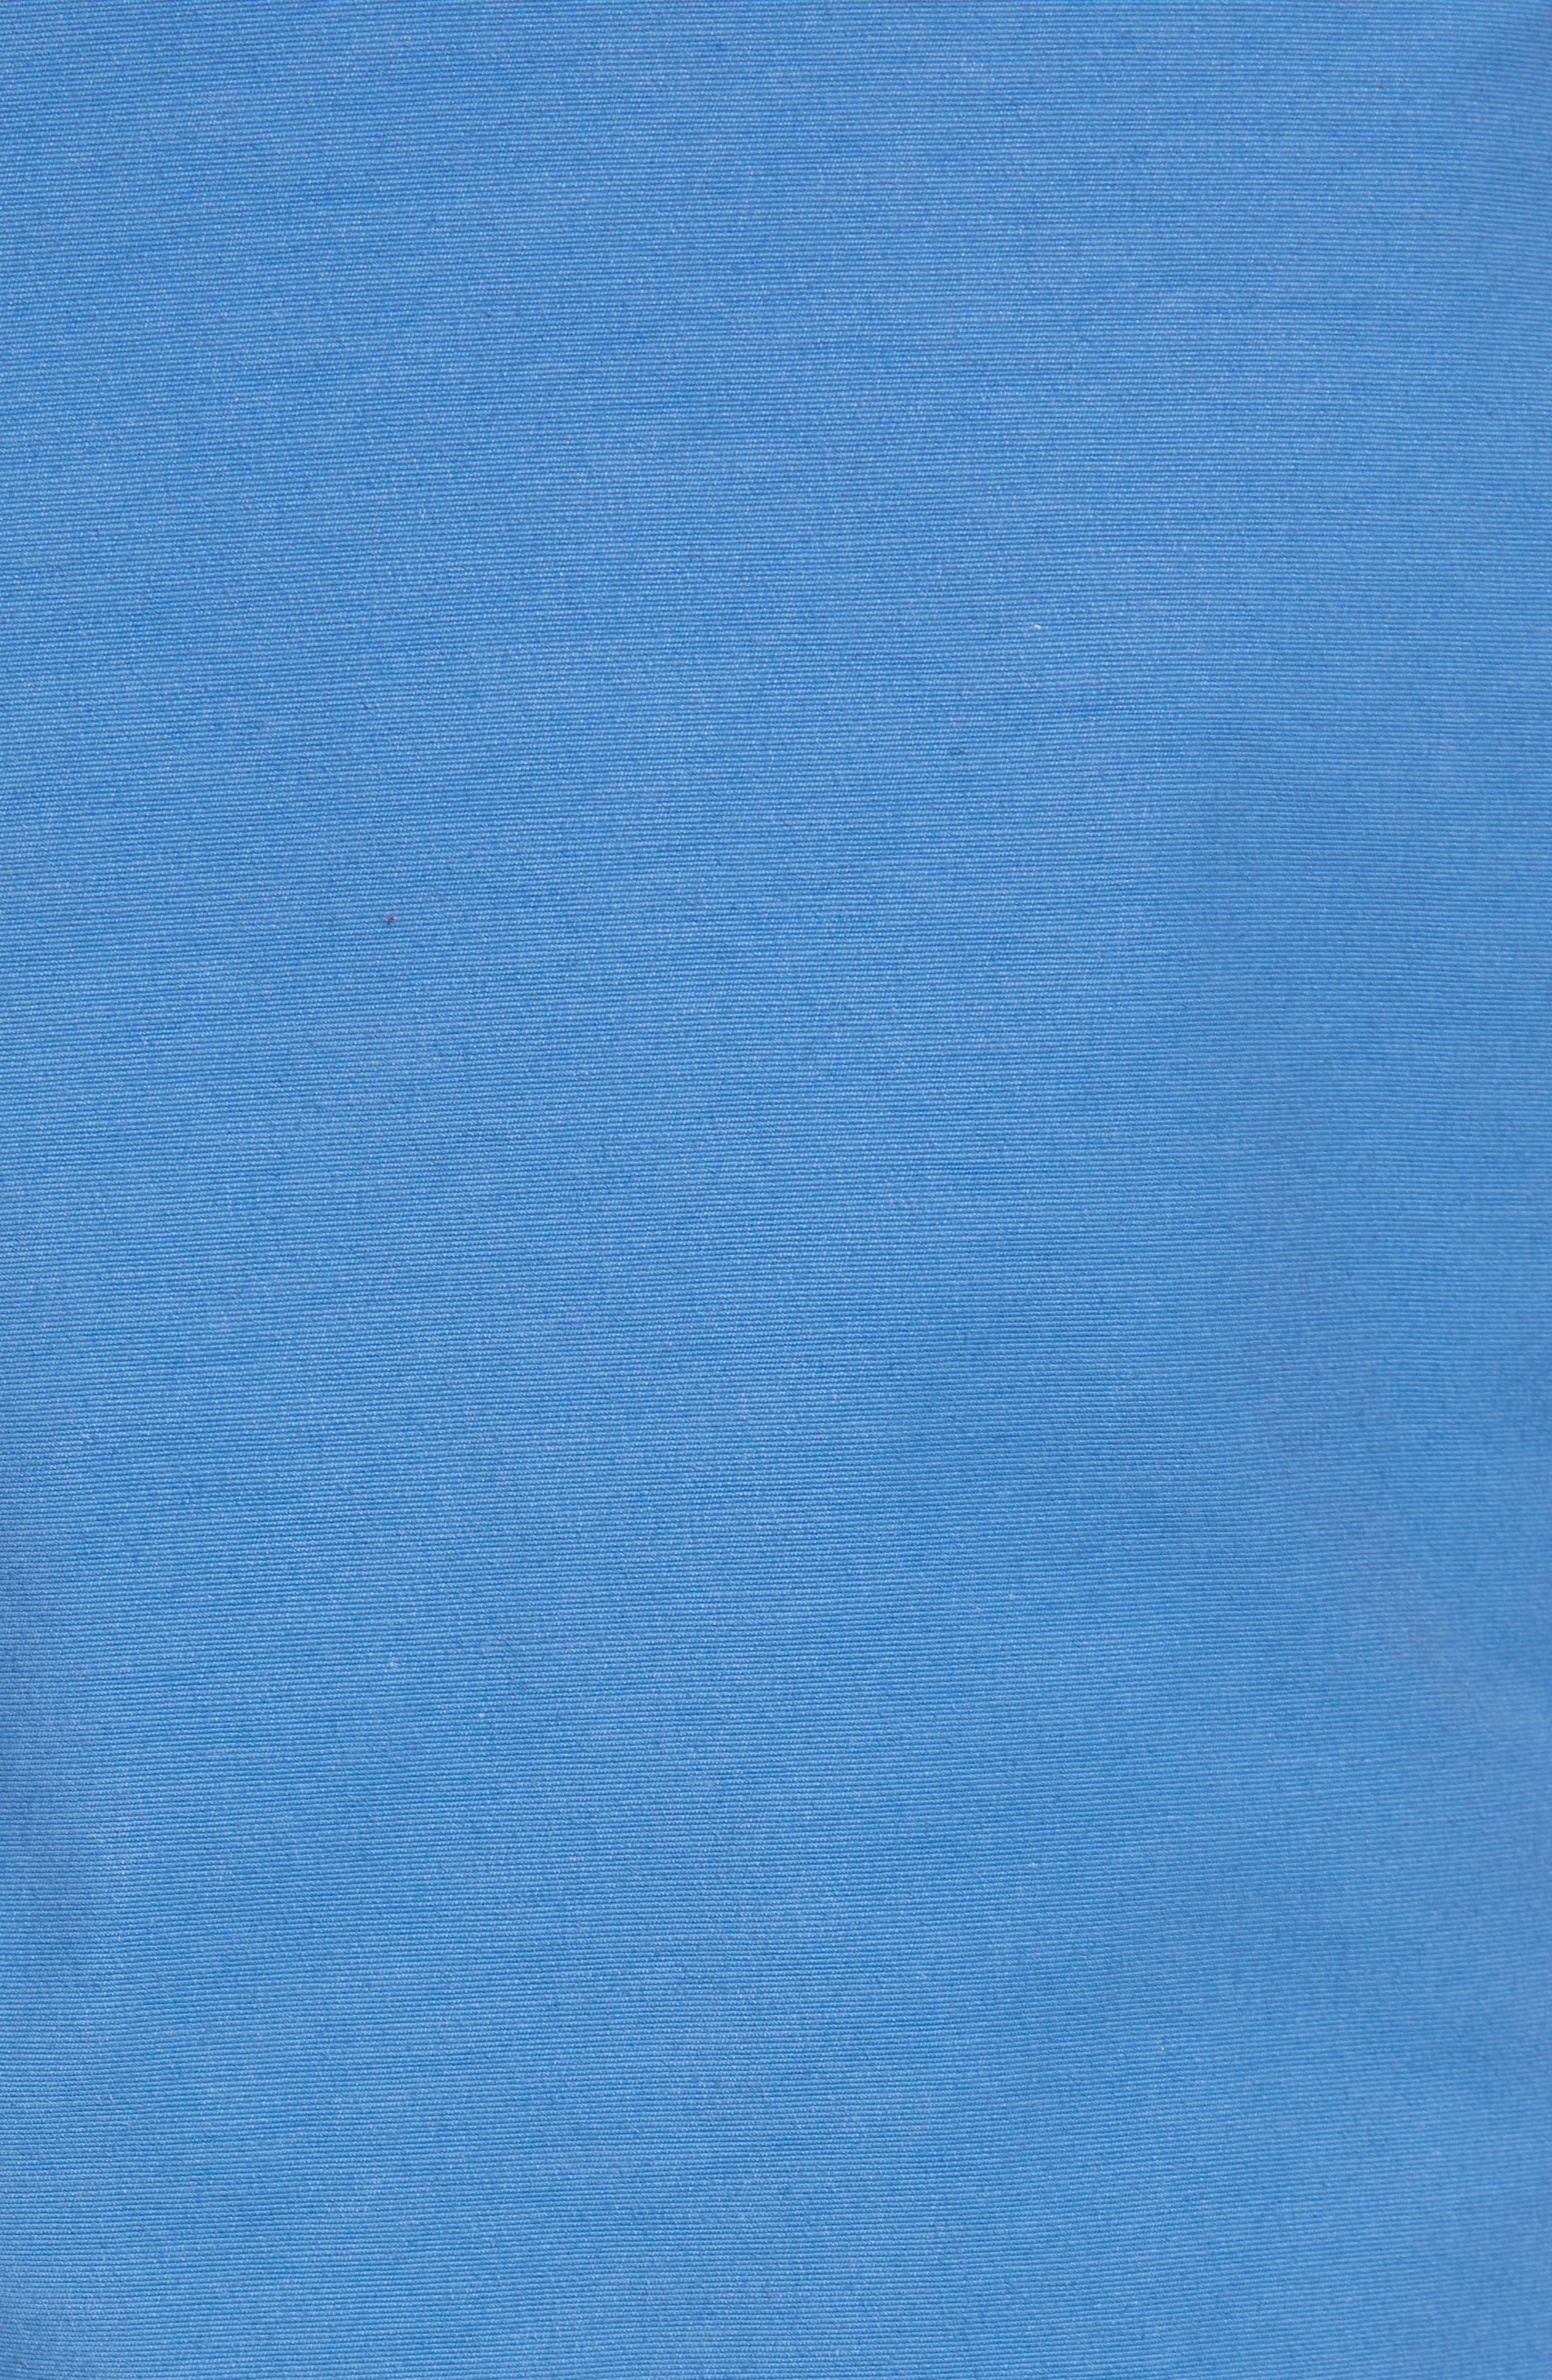 Stretch Cotton Blend Shorts,                             Alternate thumbnail 5, color,                             Delft